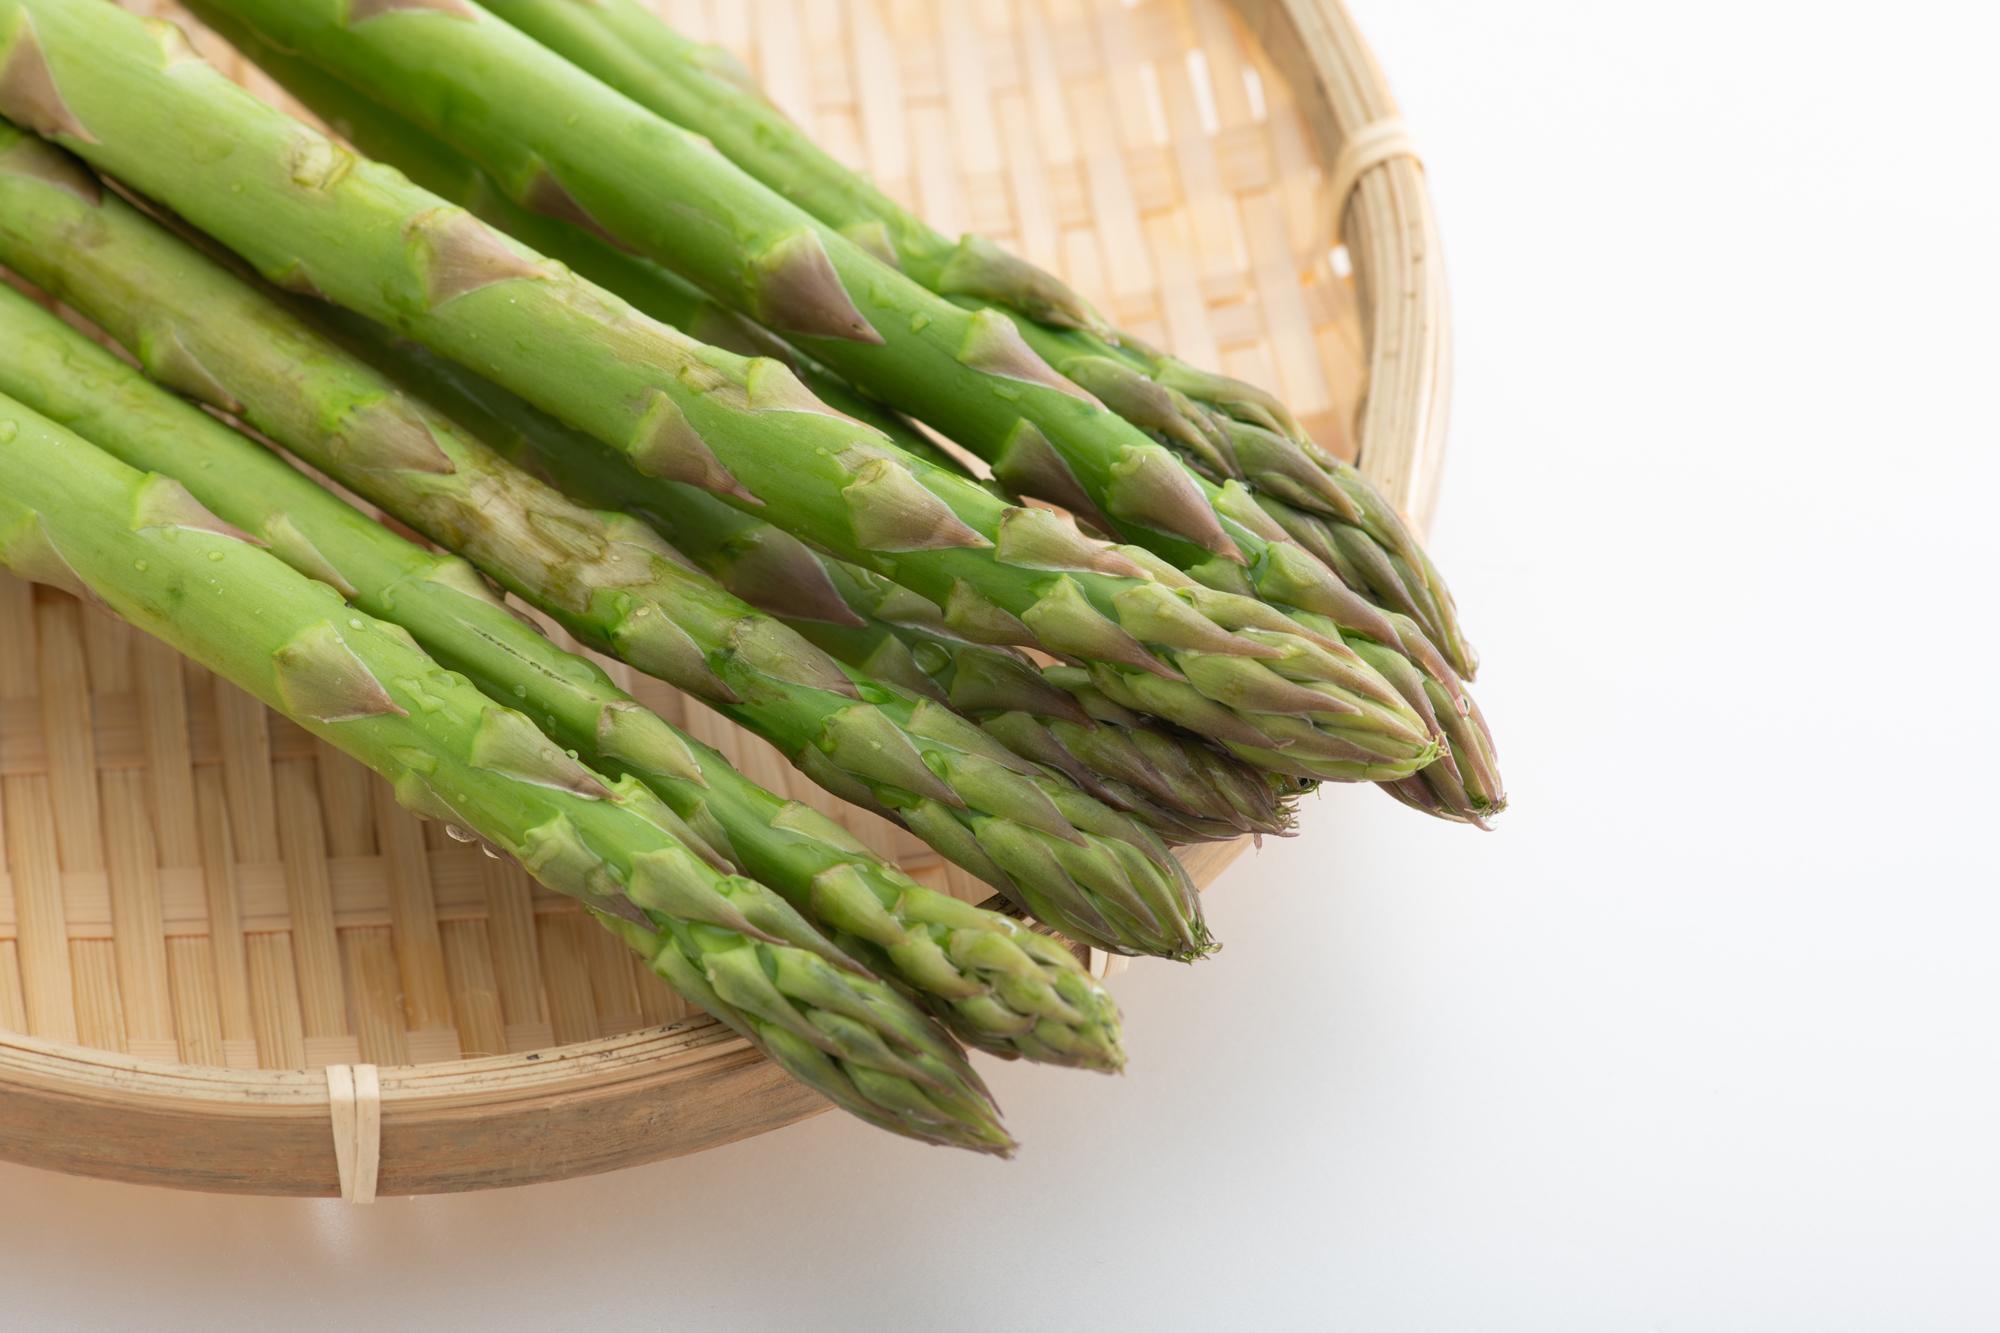 美肌にアスパラガス! 栄養を逃さない「蒸し炒め」の方法を、管理栄養士が語る